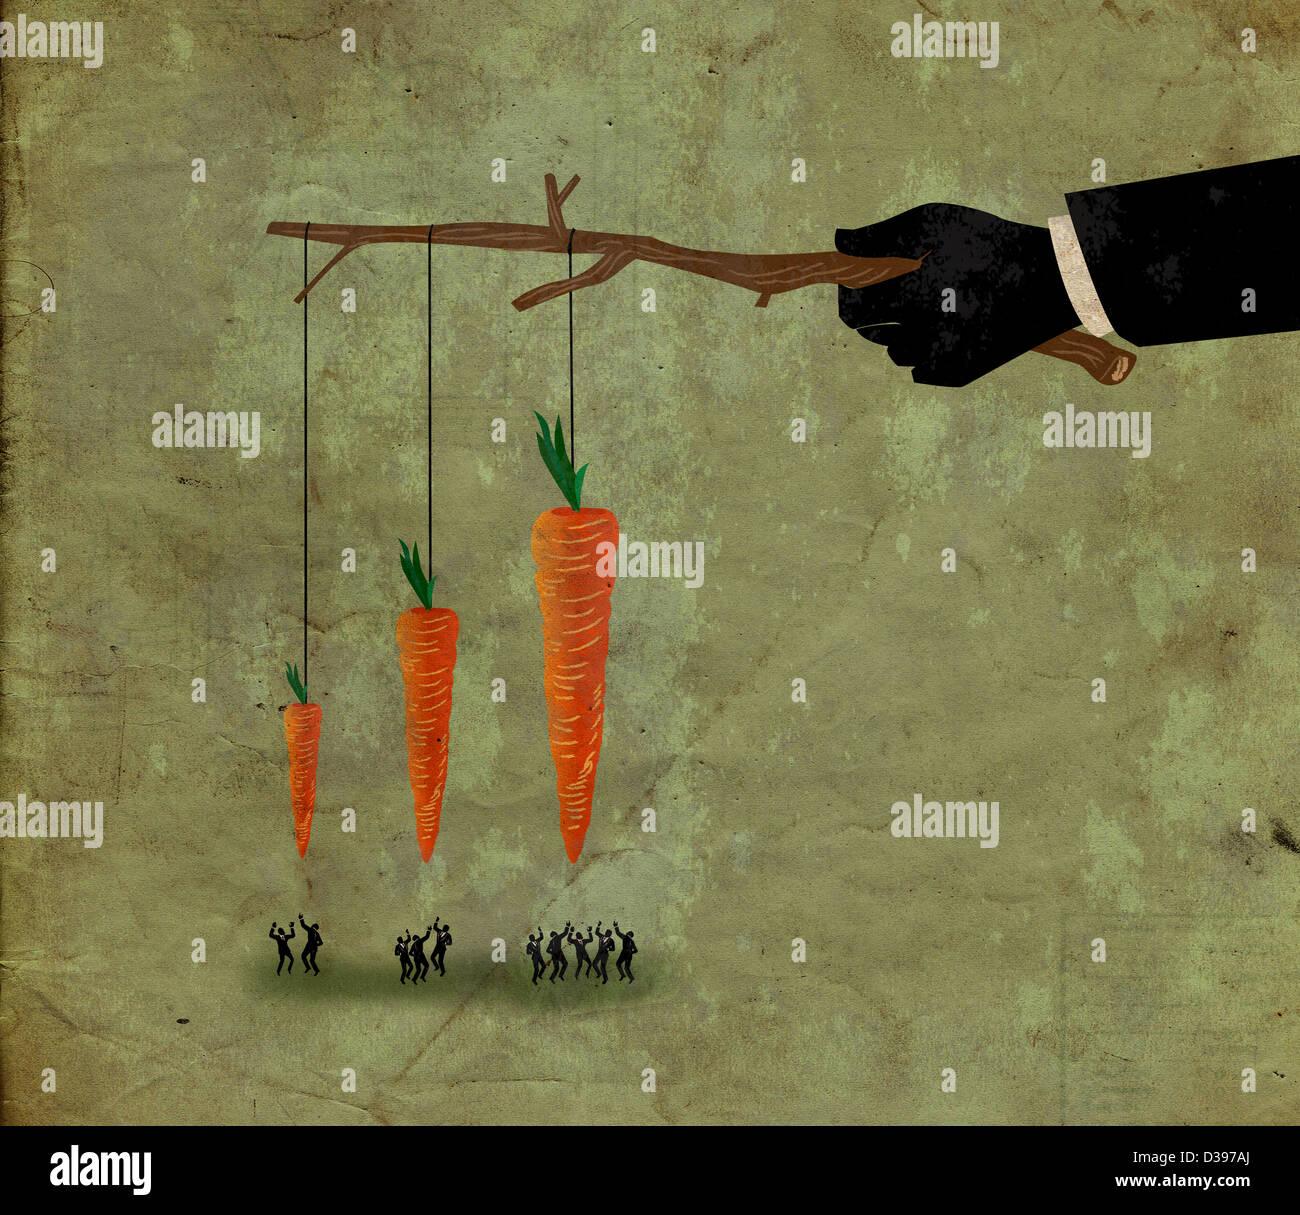 Coup d'illustration de gens d'affaires de sauter pour la carotte illustrant la concurrence pour inciter Banque D'Images